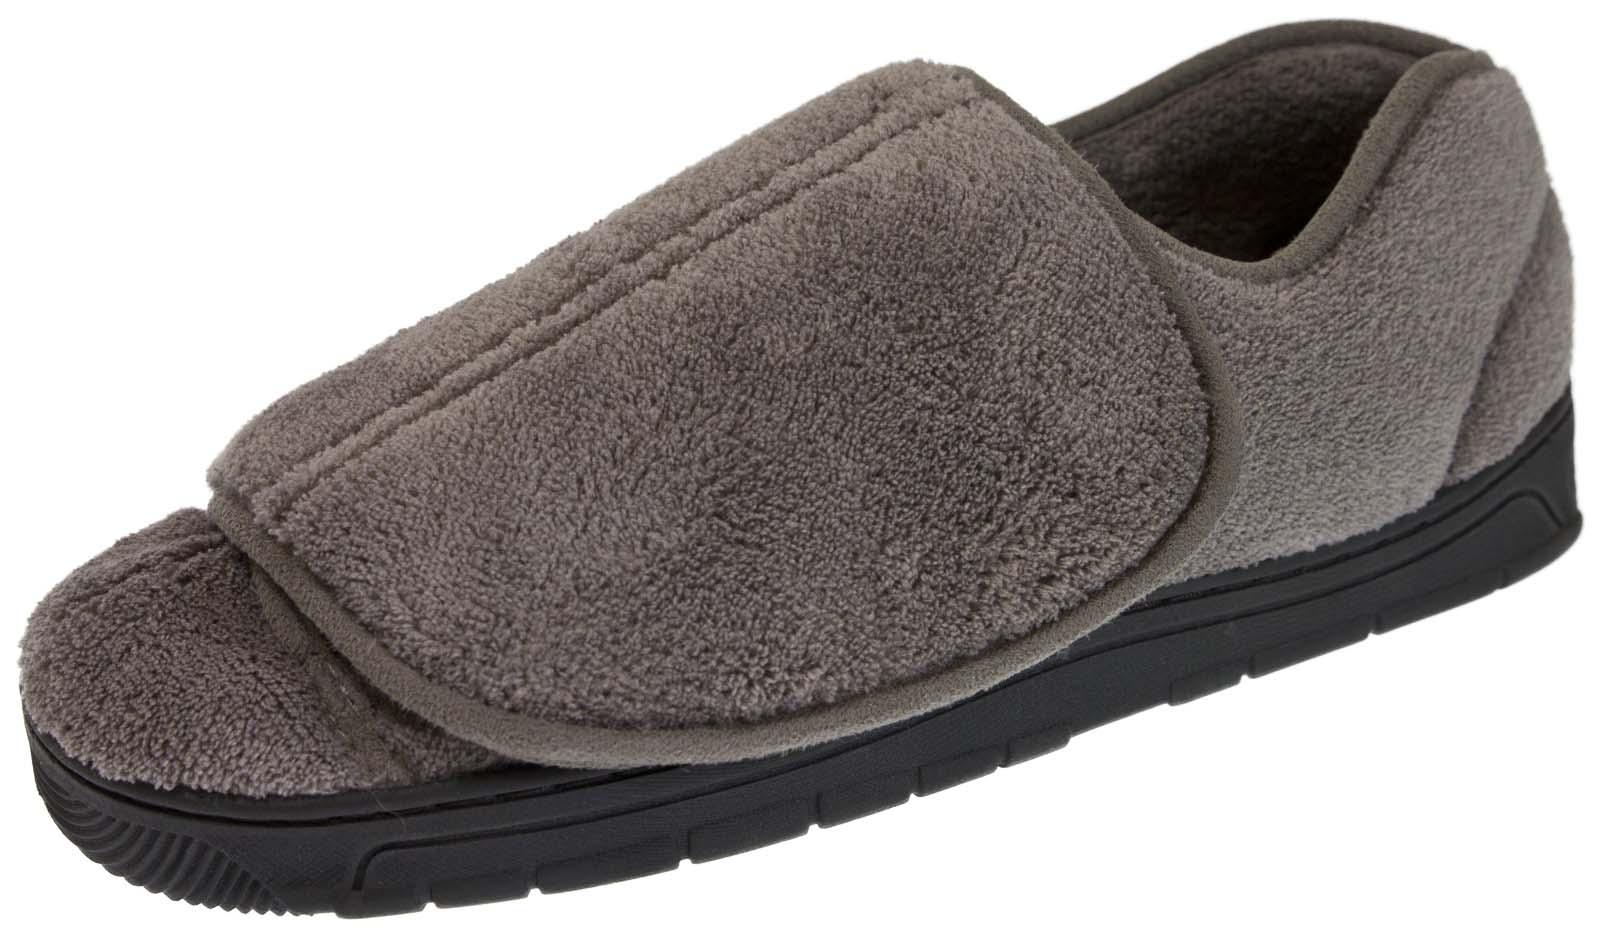 mens wide fit slippers orthopaedic diabetic